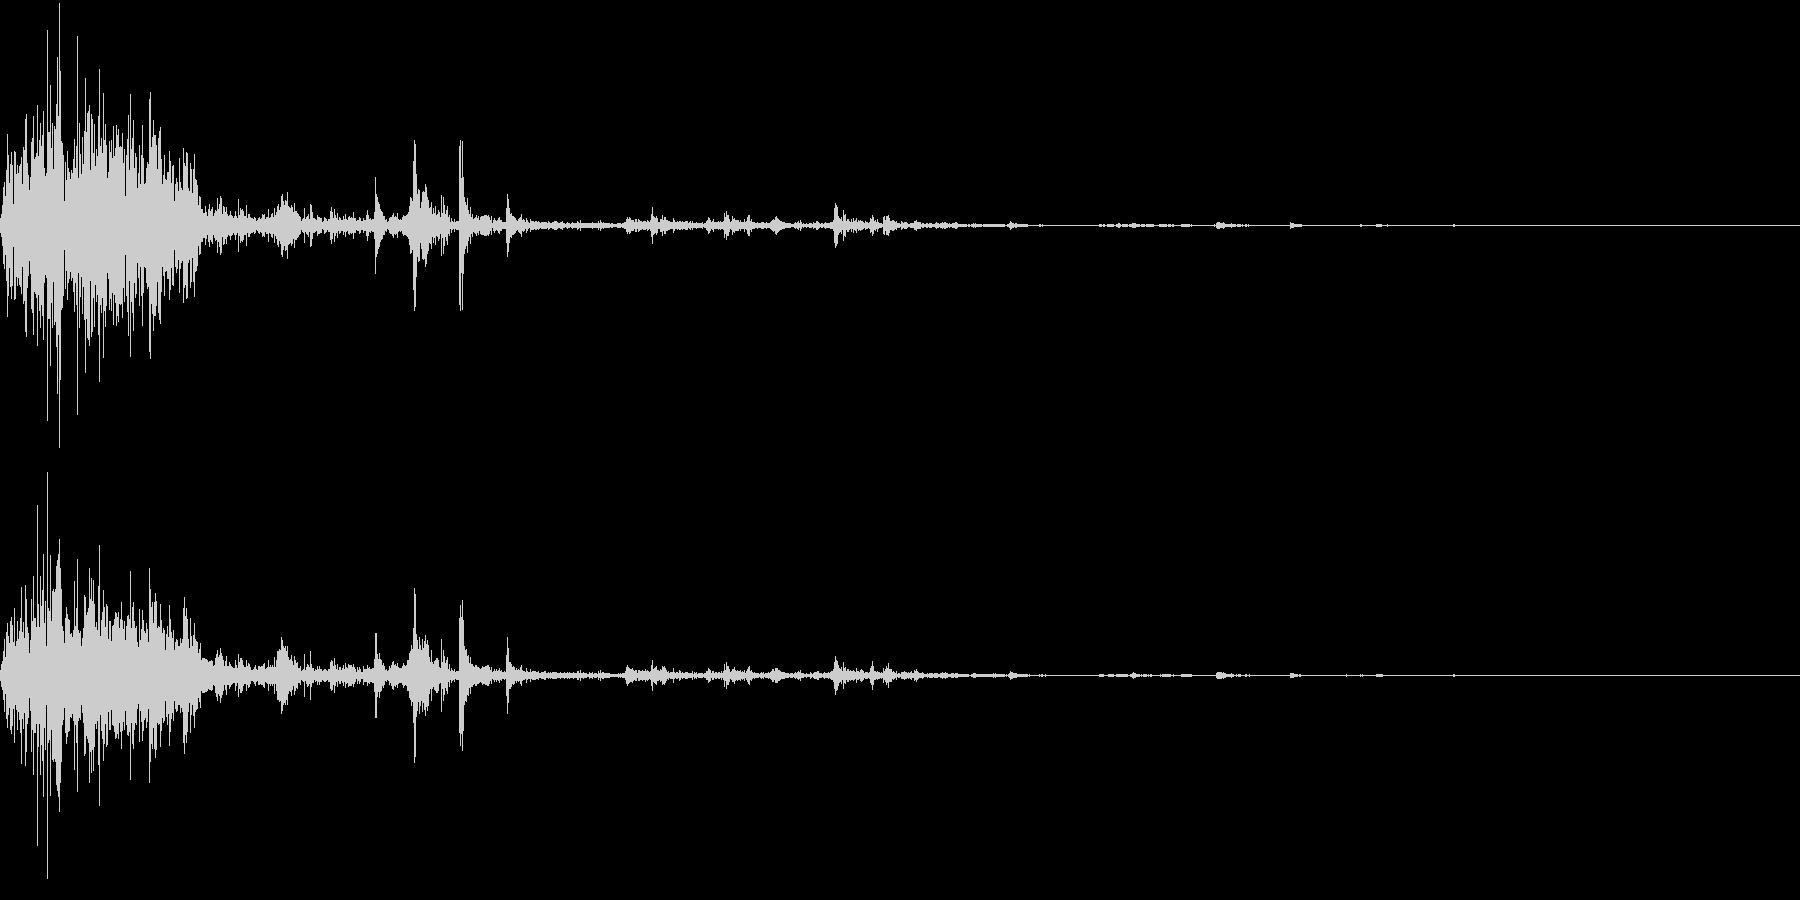 【生録音】ゴミの音 12 踏み潰すの未再生の波形